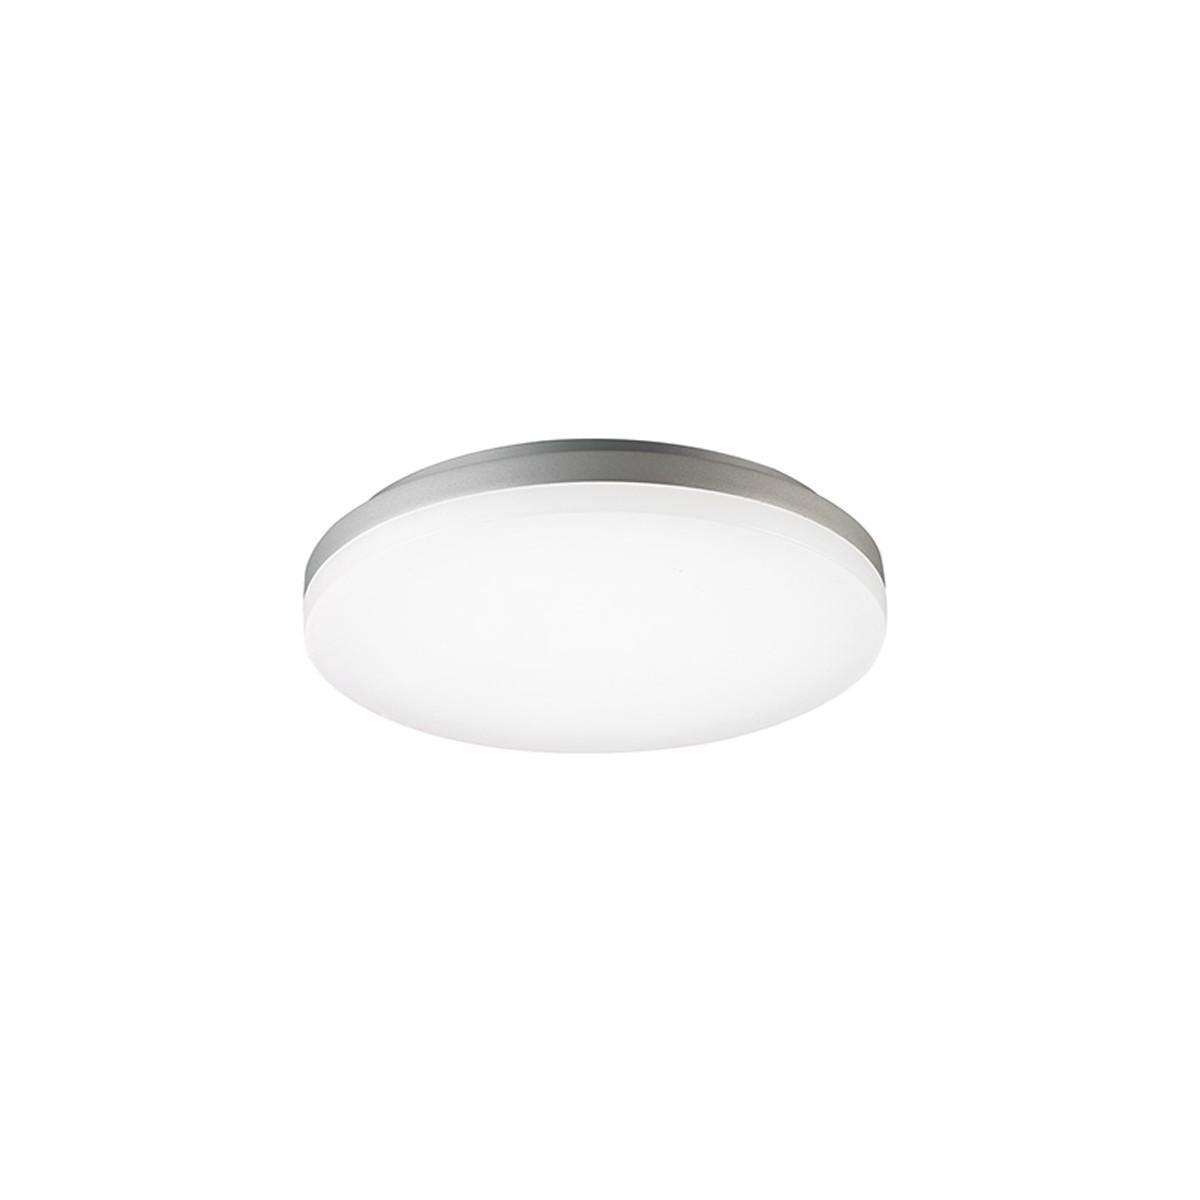 Sigor Circel LED Deckenleuchte IP44, Ø: 22 cm, 3000 K, Silber